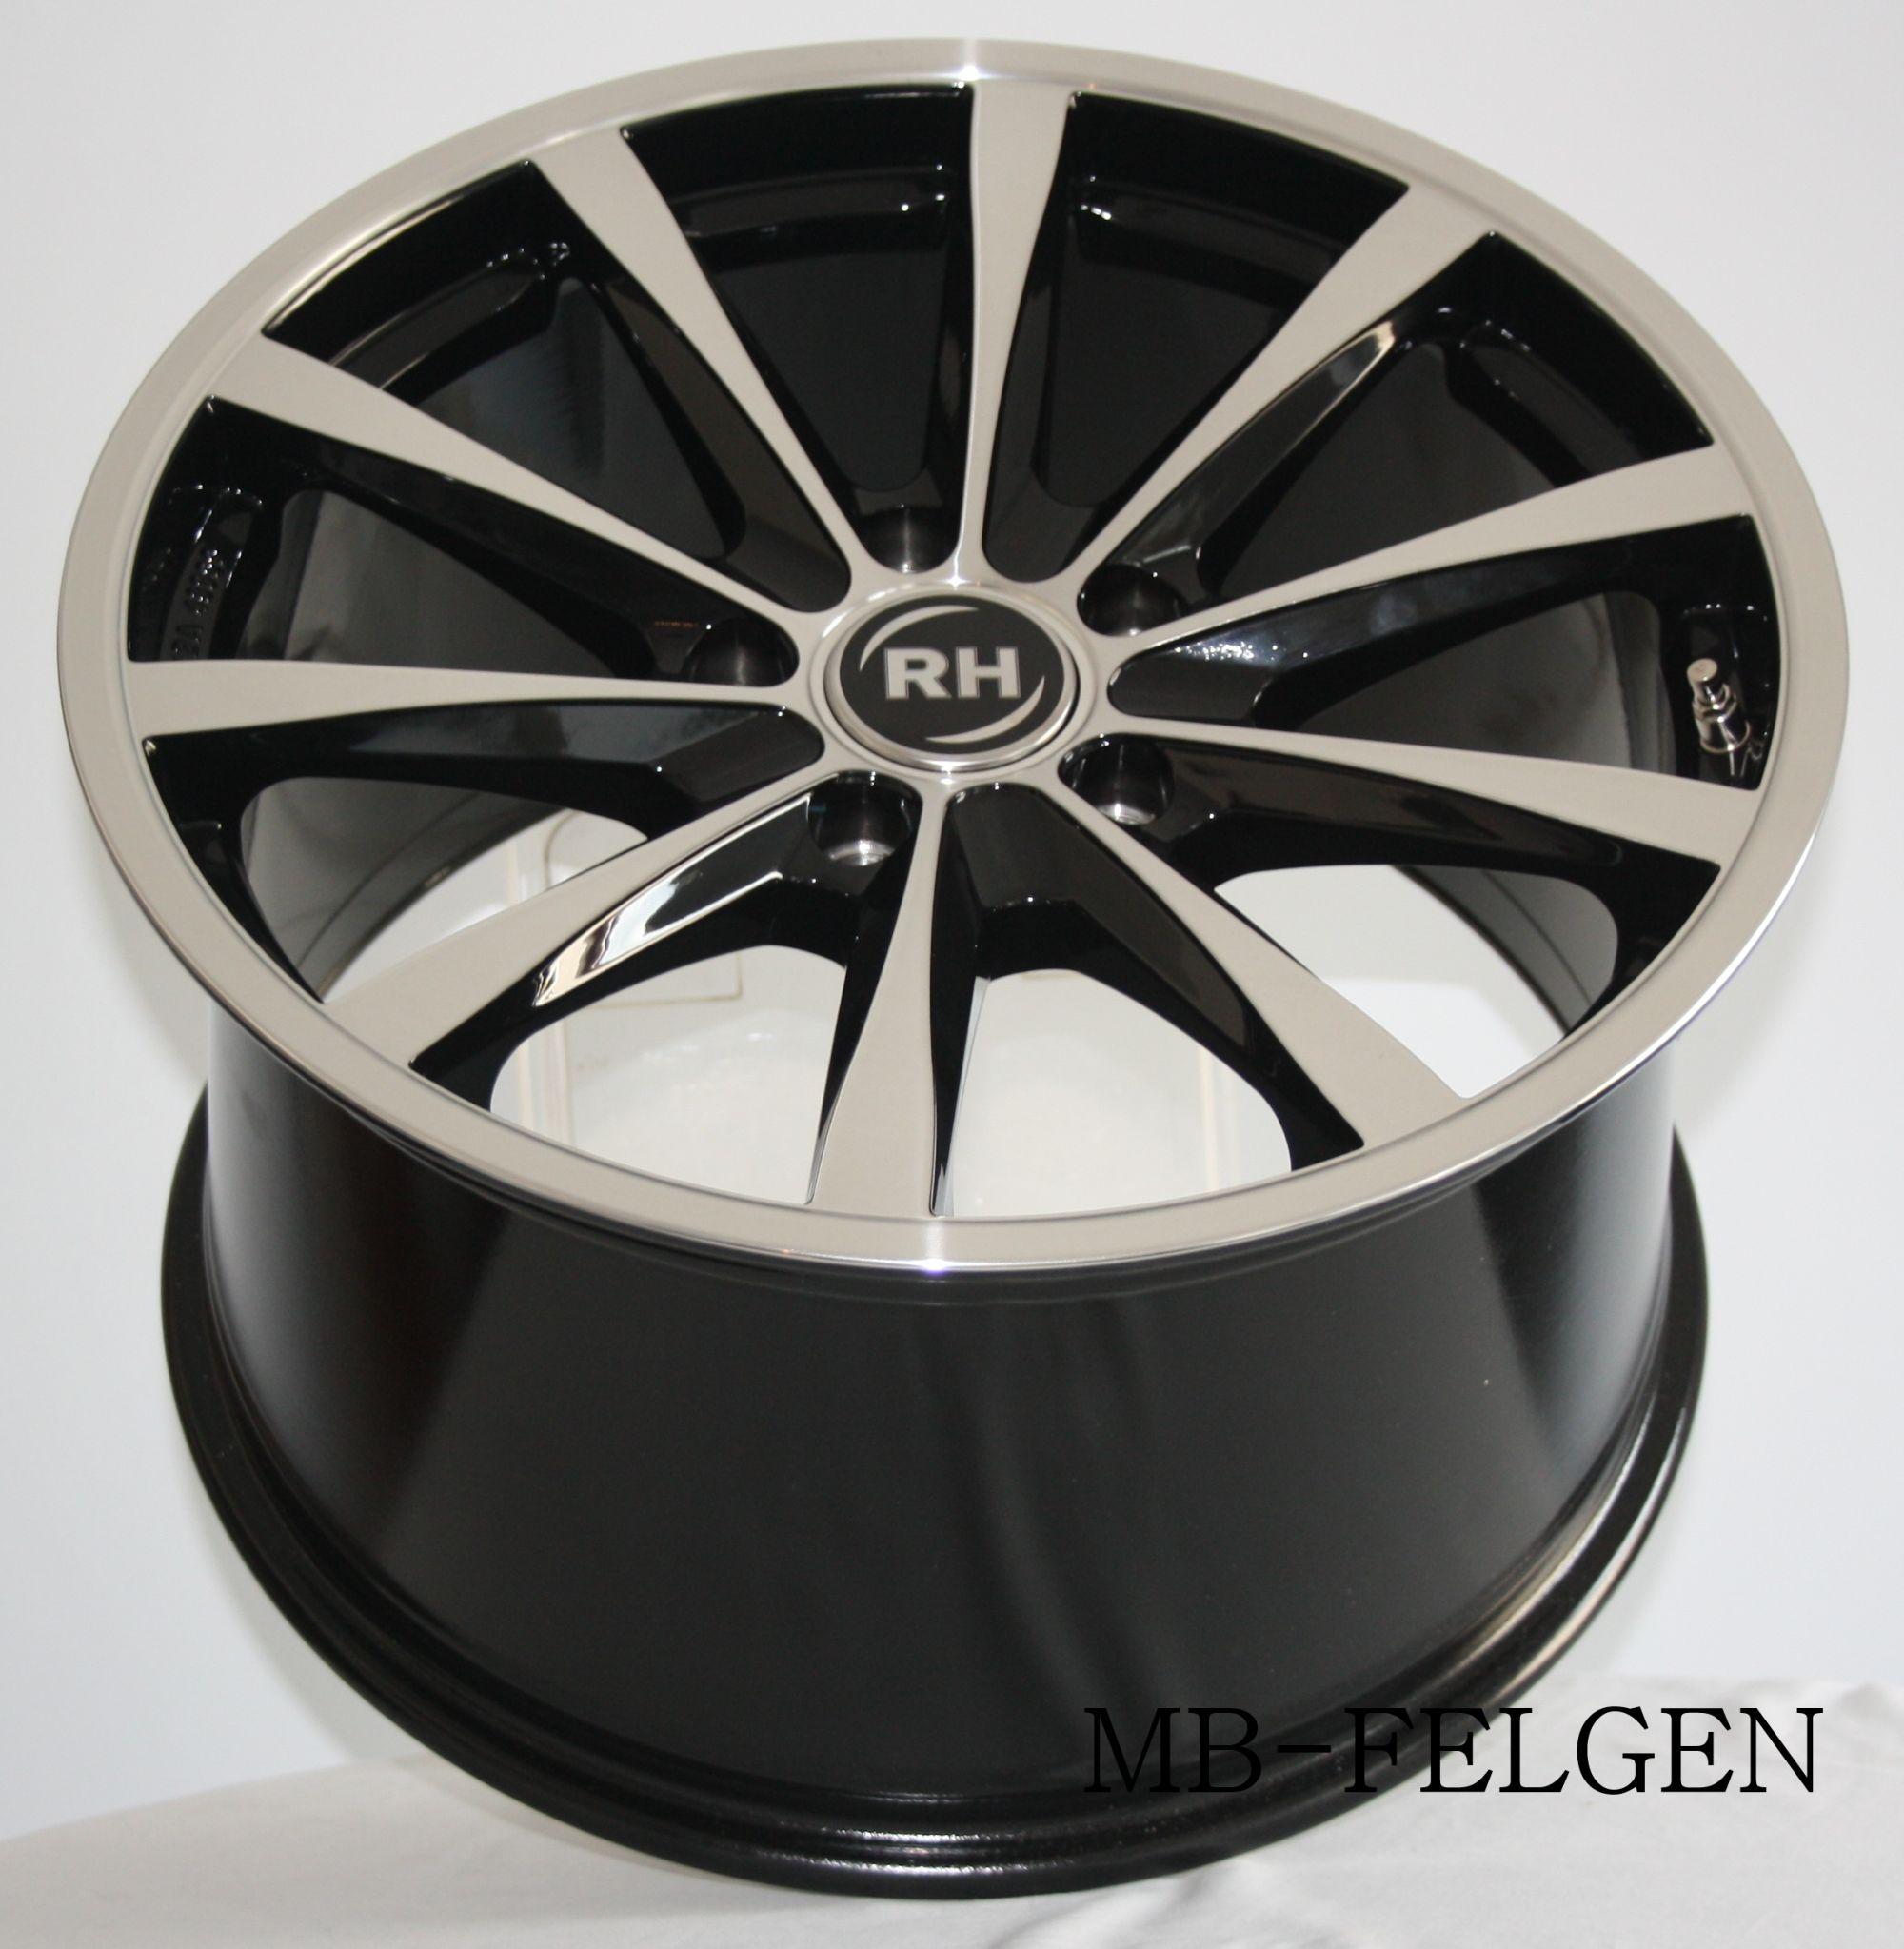 rh gt schwarz poliert 19 zoll porsche 911 997 turbo mit. Black Bedroom Furniture Sets. Home Design Ideas